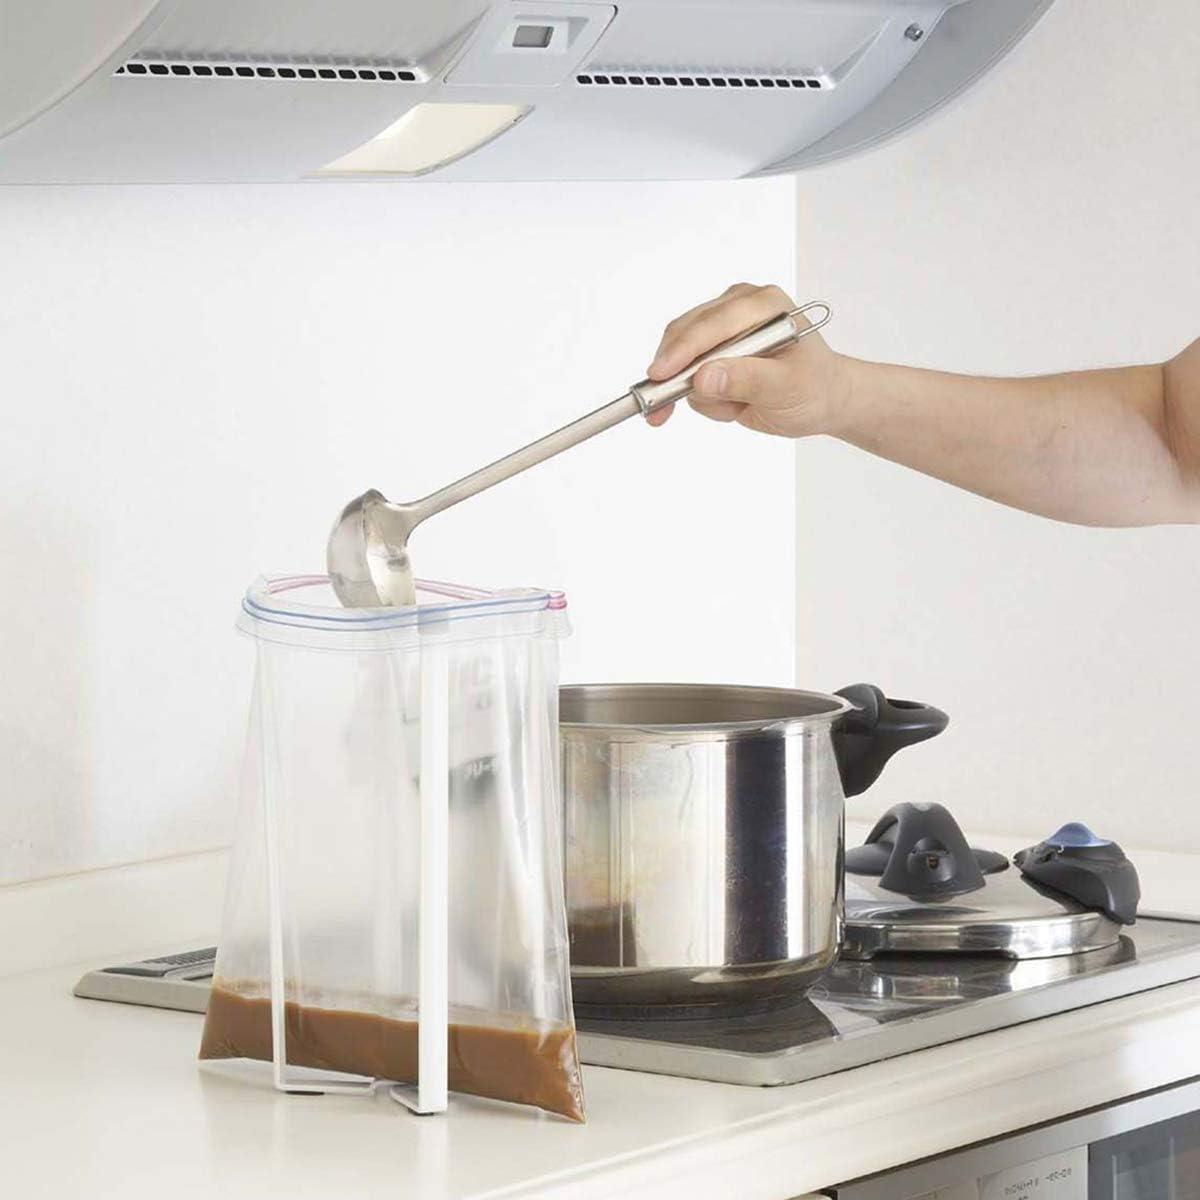 Camidy Support de Stand de Cuisine pour Sacs Bouteilles Tasses Tasses Multifonctionnelles /Étag/ères de S/échage Support de Comptoir de Cuisine pour Sacs /à Ordures